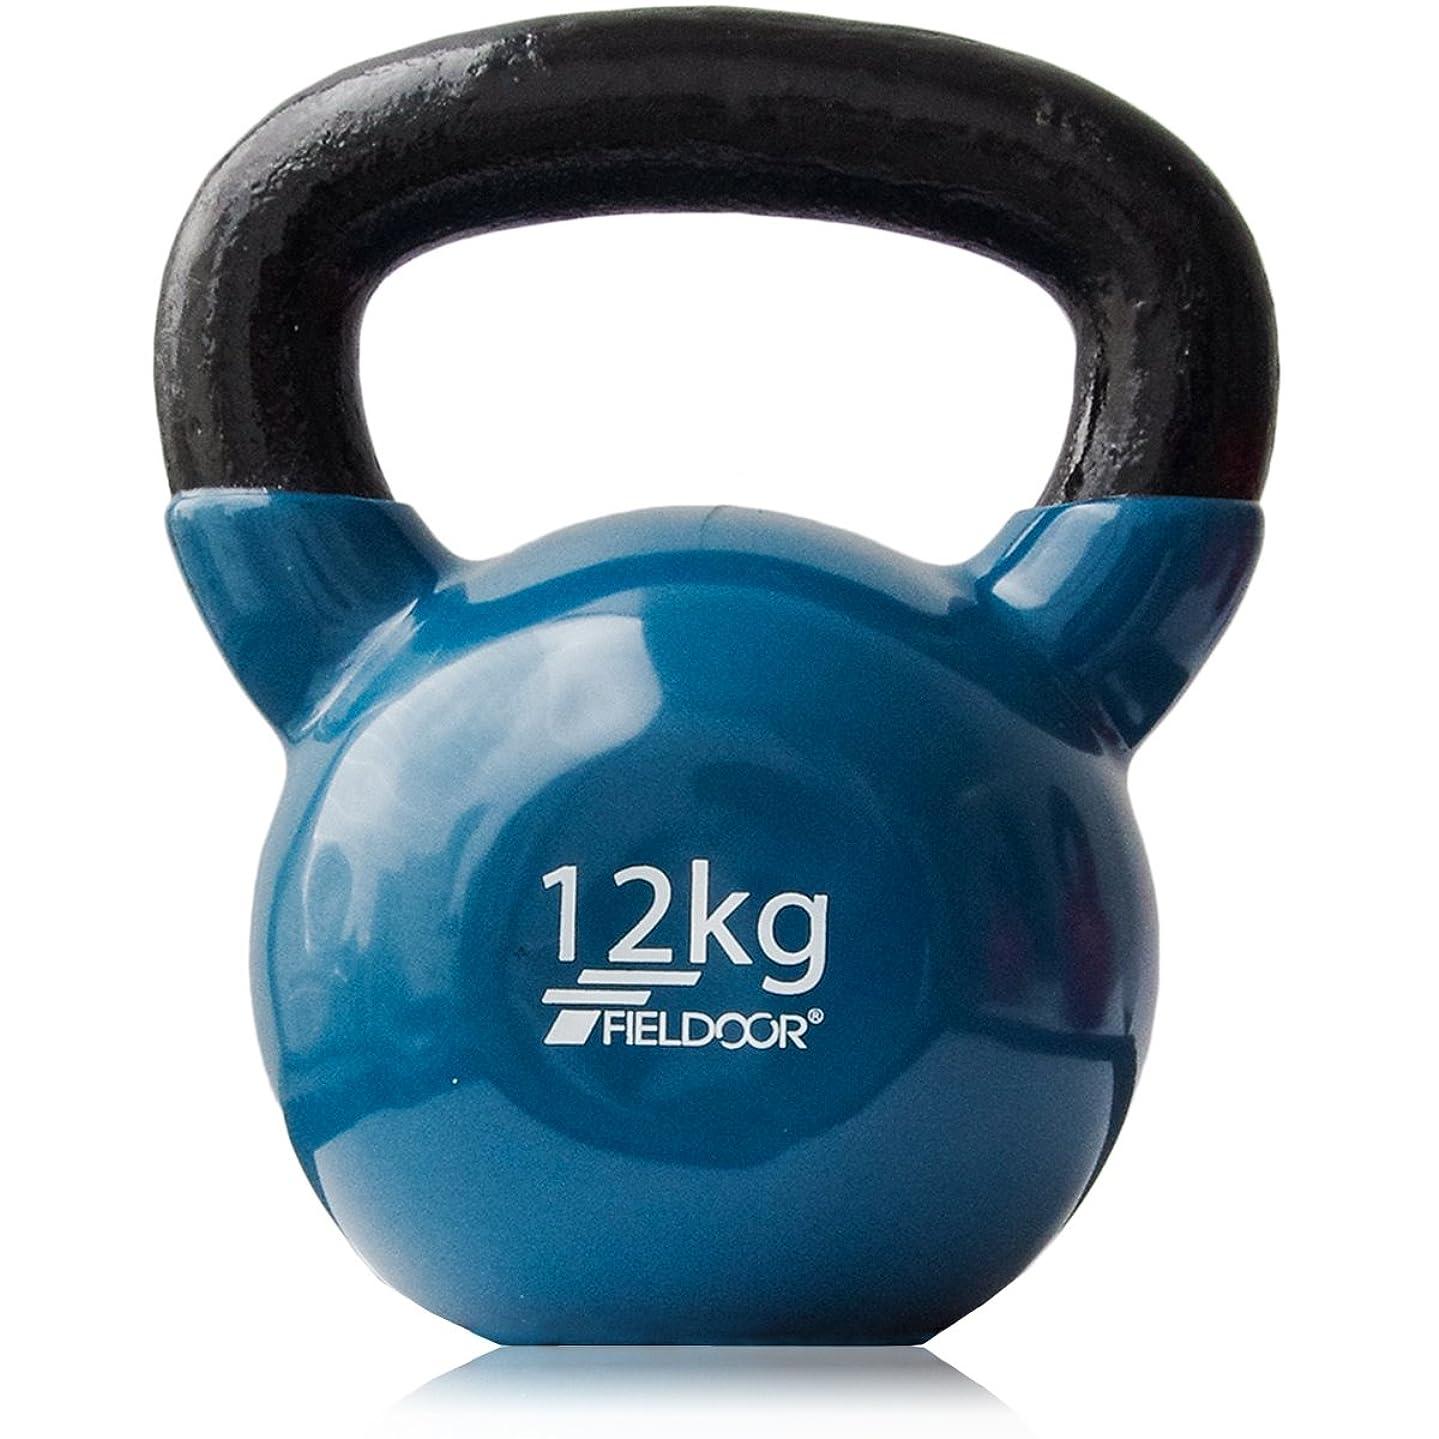 反対した曲げるリーダーシップFIELDOOR ケトルベル 4kg / 5kg / 8kg / 10kg / 12kg / 16kg / 20kg / 24kg ソフトなPVCコーティング 音軽減 キズ防止 体幹トレーニング